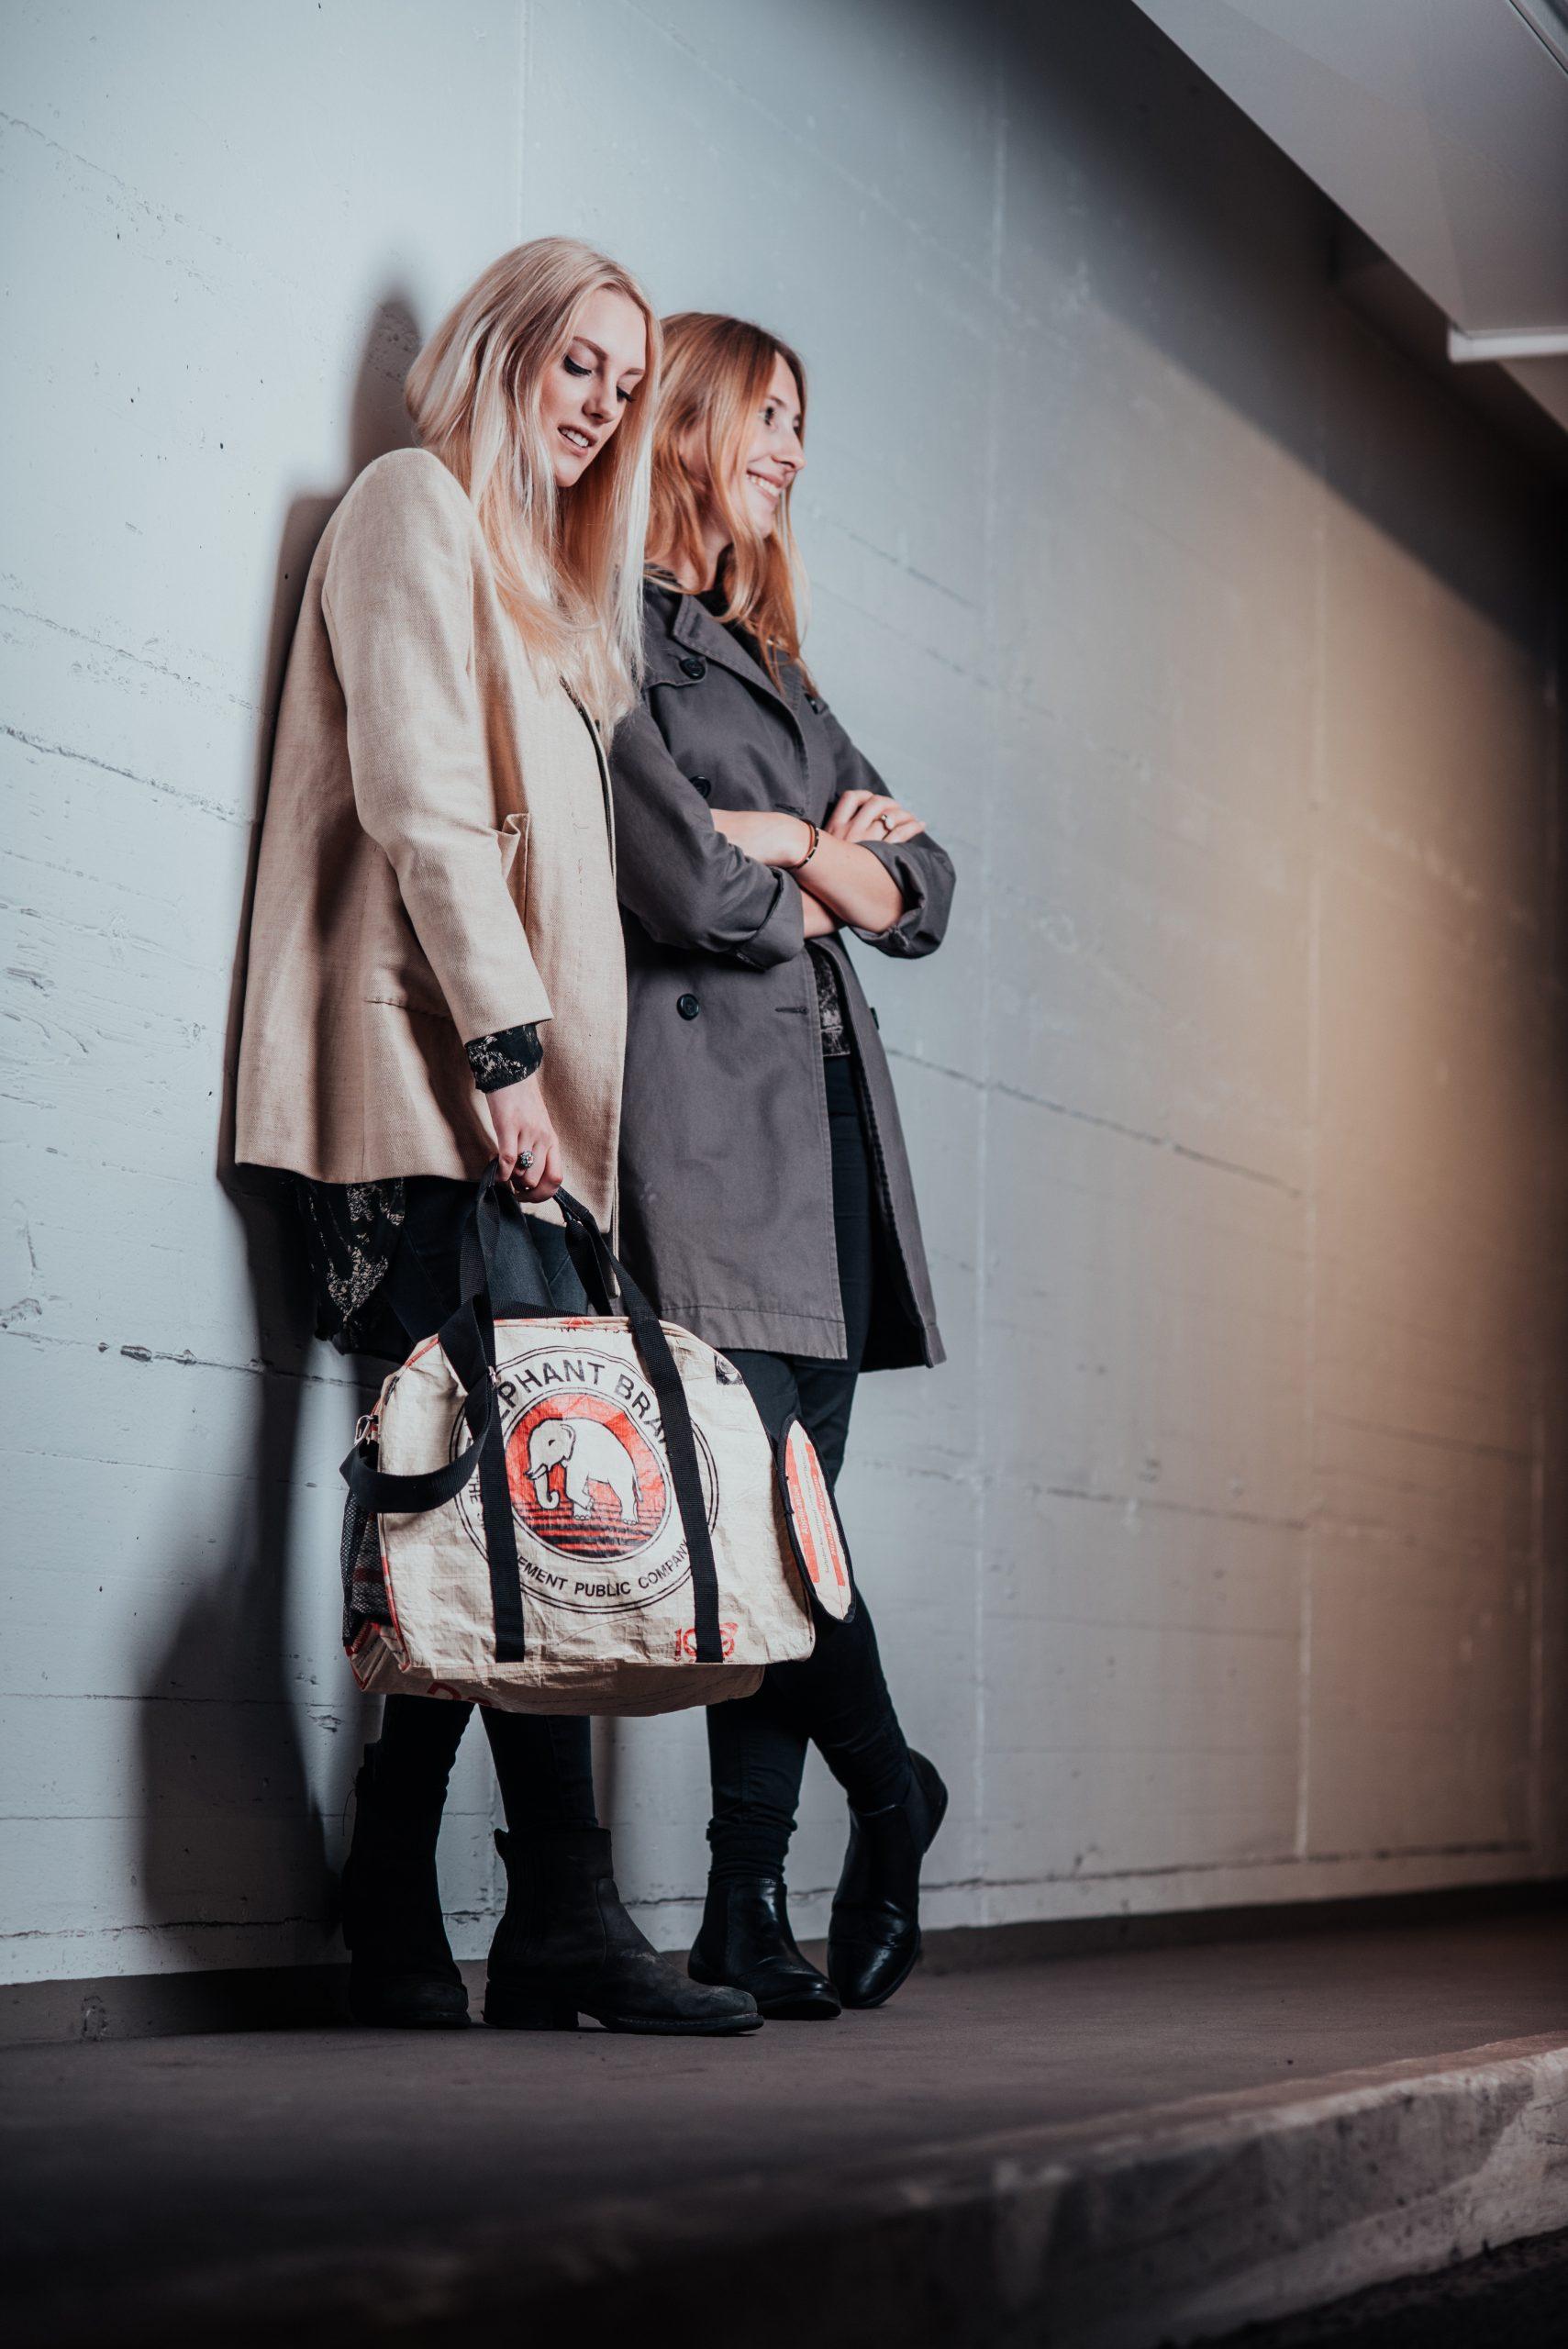 Zwei junge Frauen lehnen an Parkhauswand